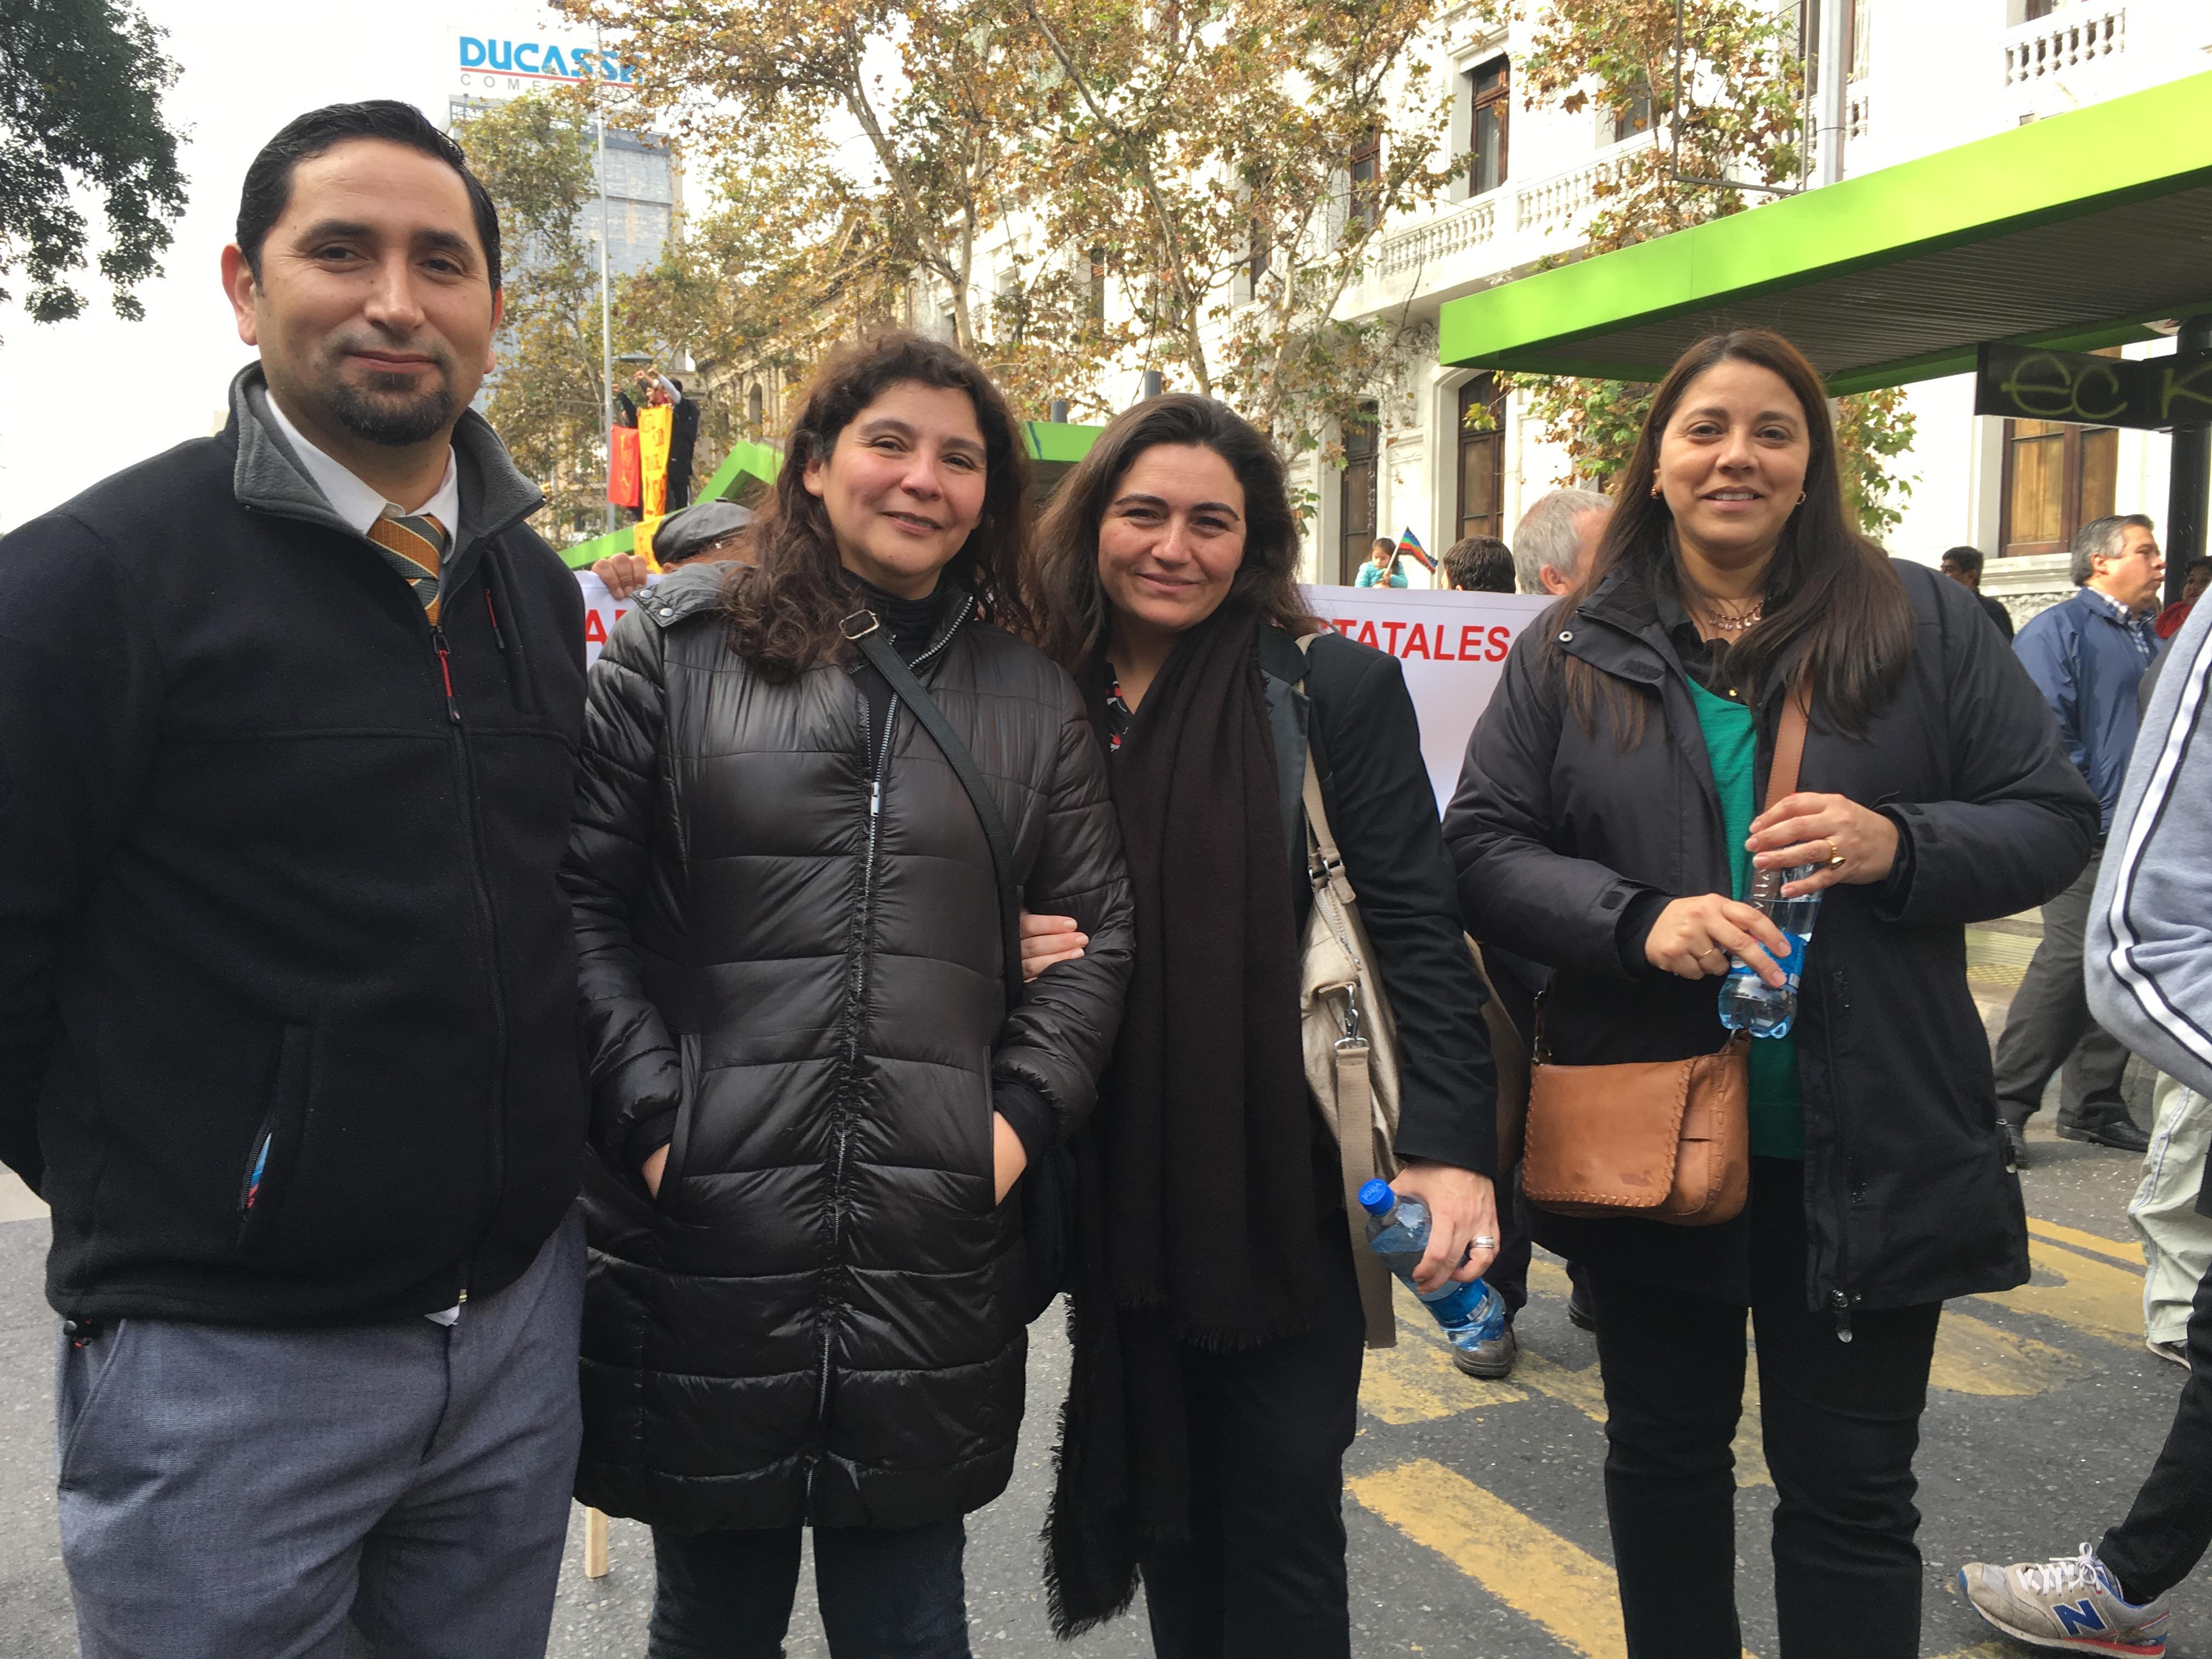 AFIICH participa en Marcha convocada por la CUT - 31 Mayo 2016